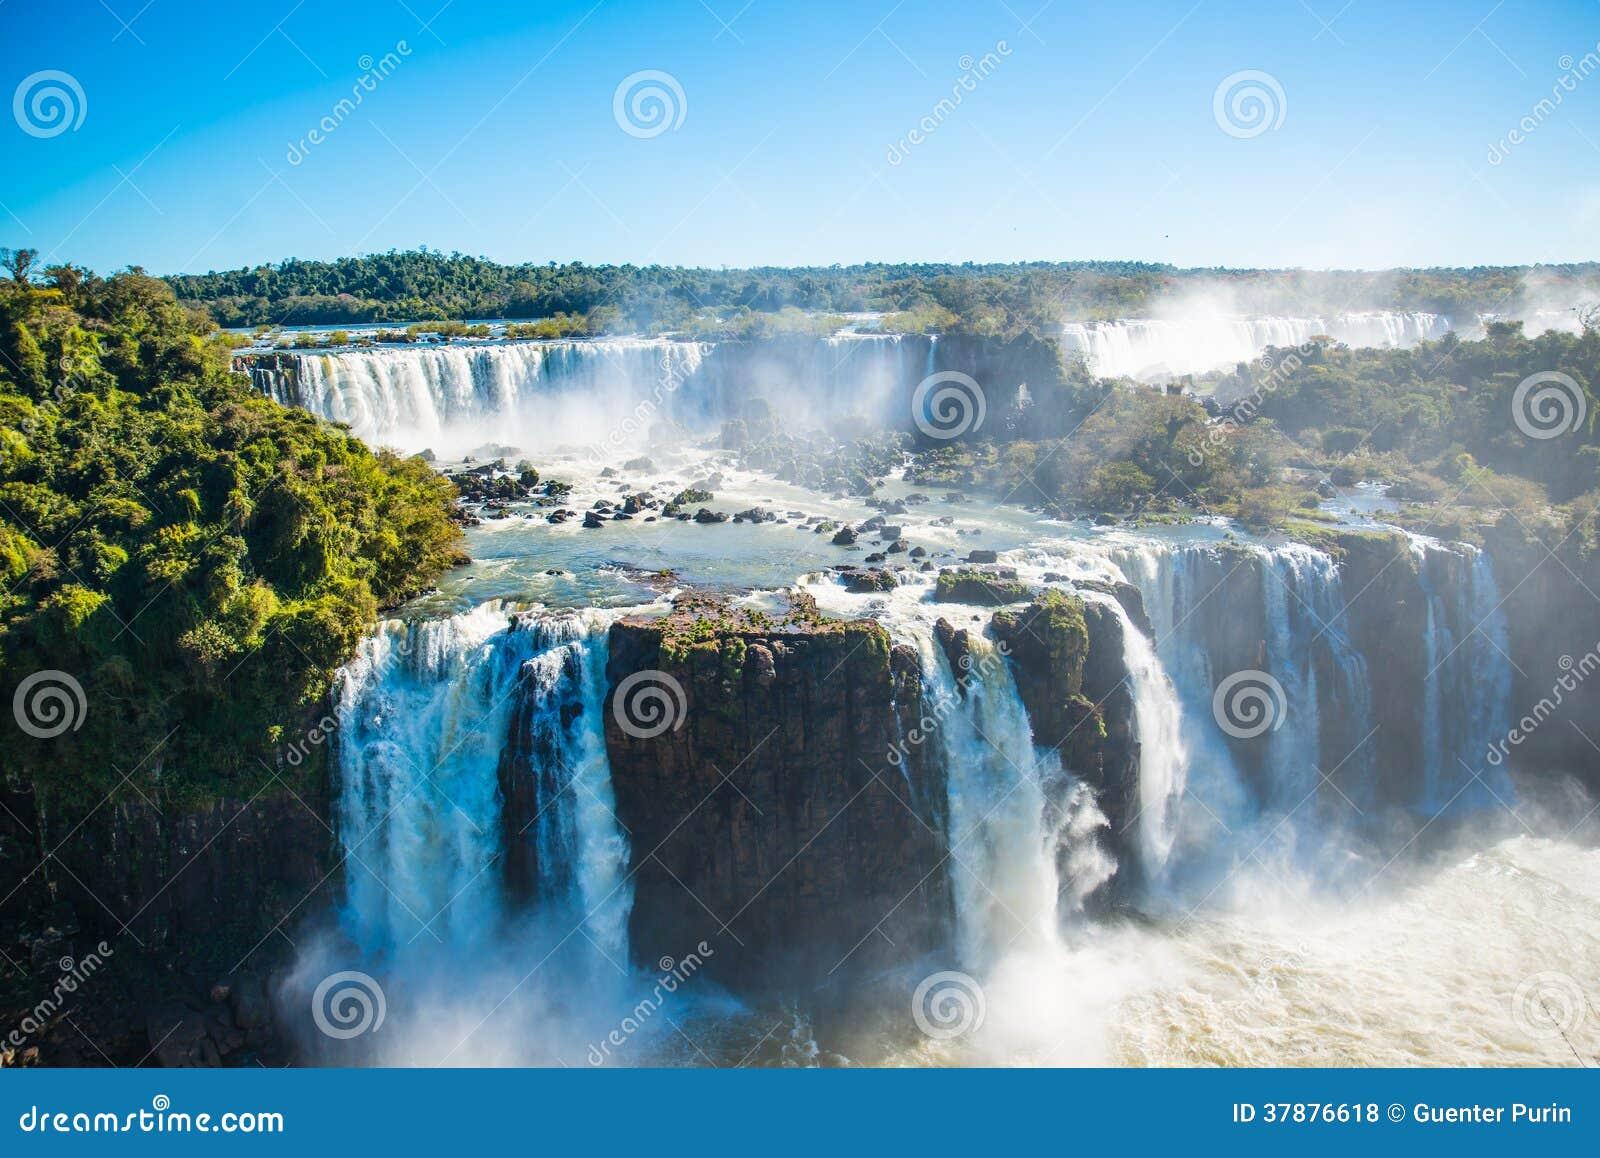 Van Iguazudalingen of Duivels Keel